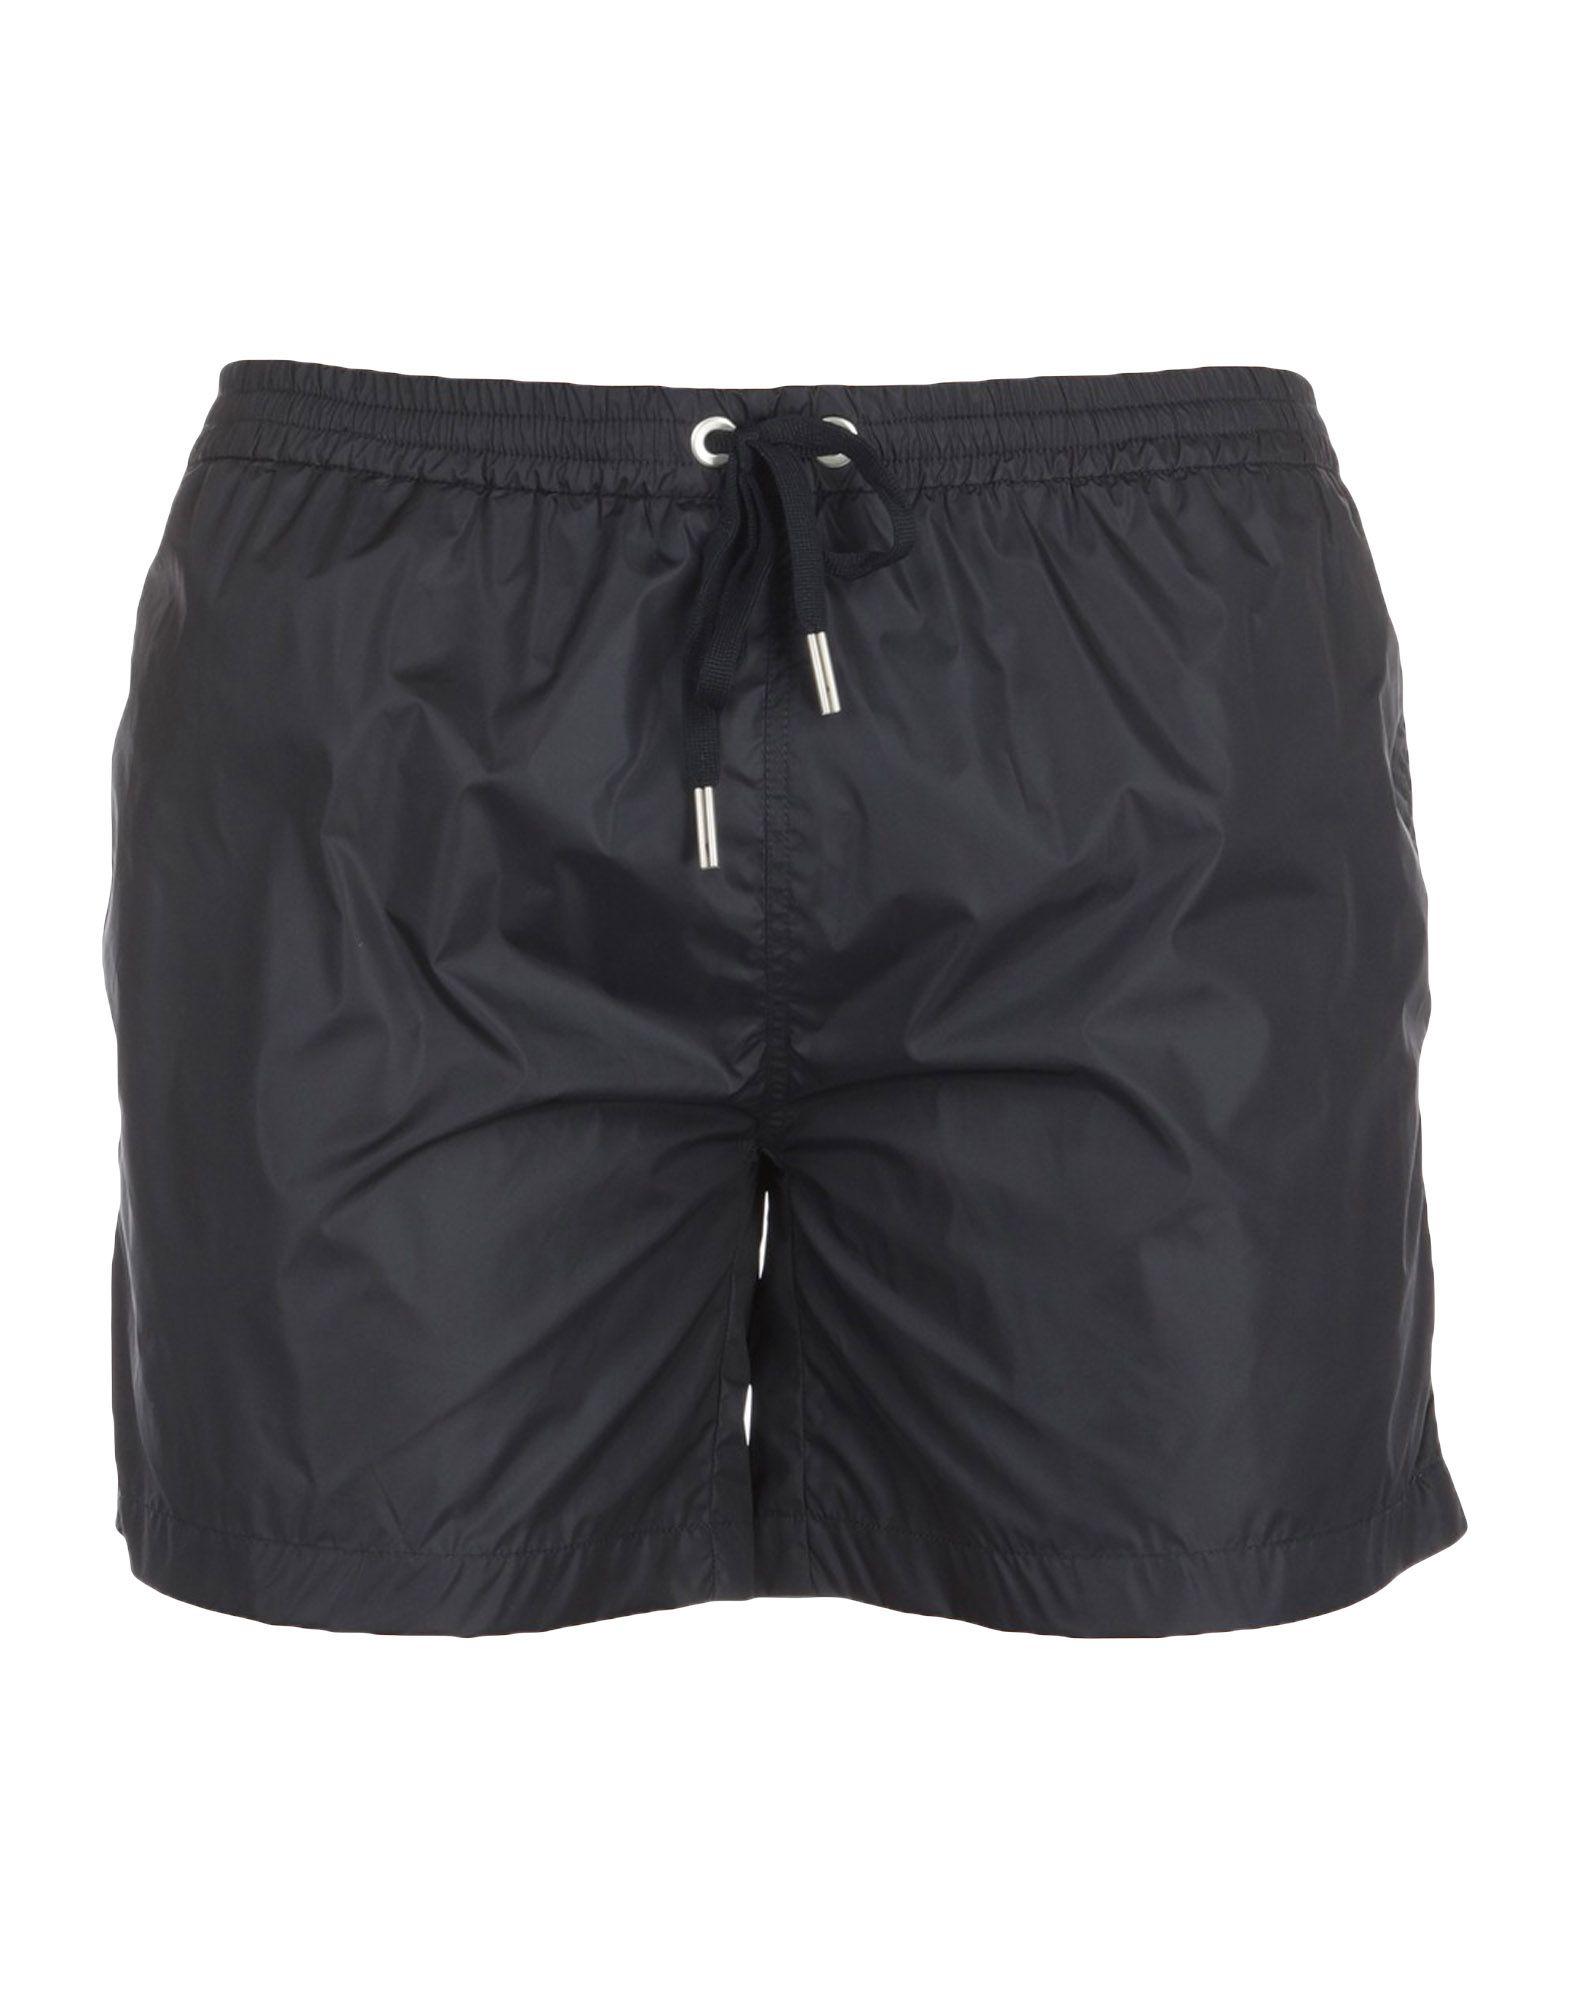 OBVIOUS BASIC Шорты для плавания женские волейбольные шорты tornado t436 0050 basic w